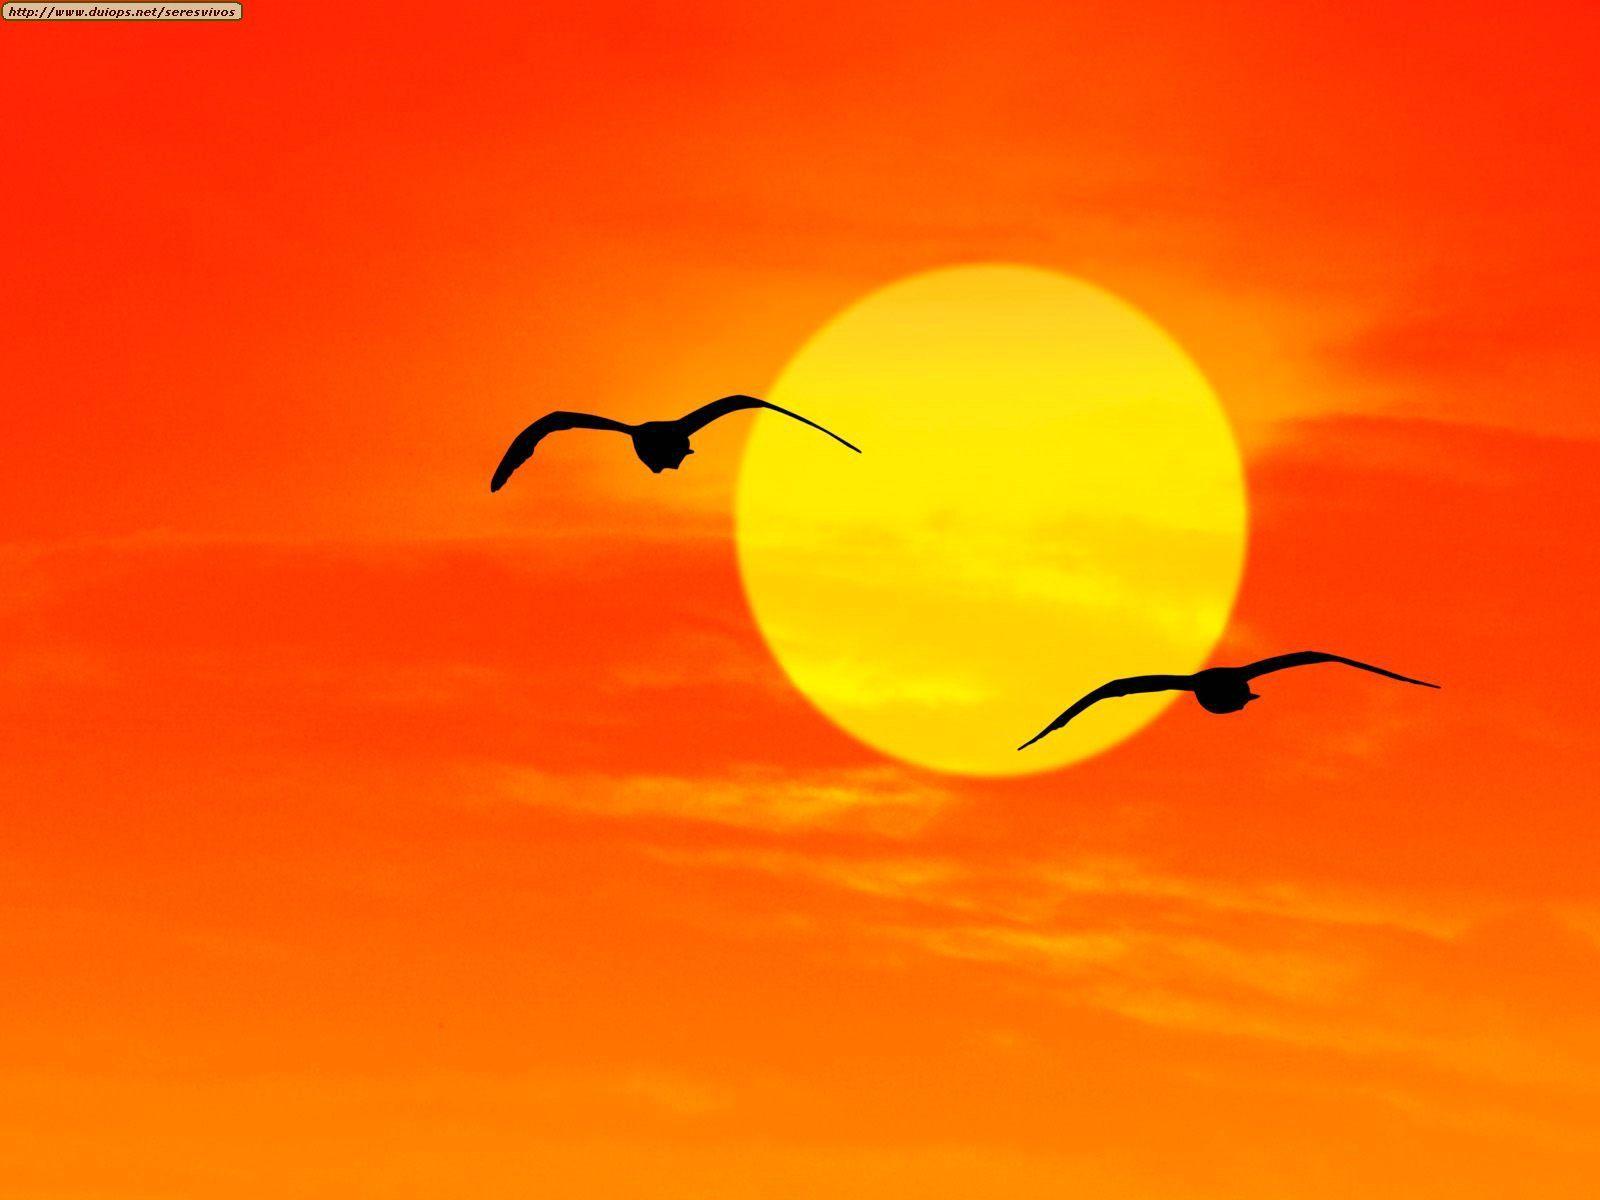 Aves Volando Silueta Pared Buscar Con Google Gaviotas Volando